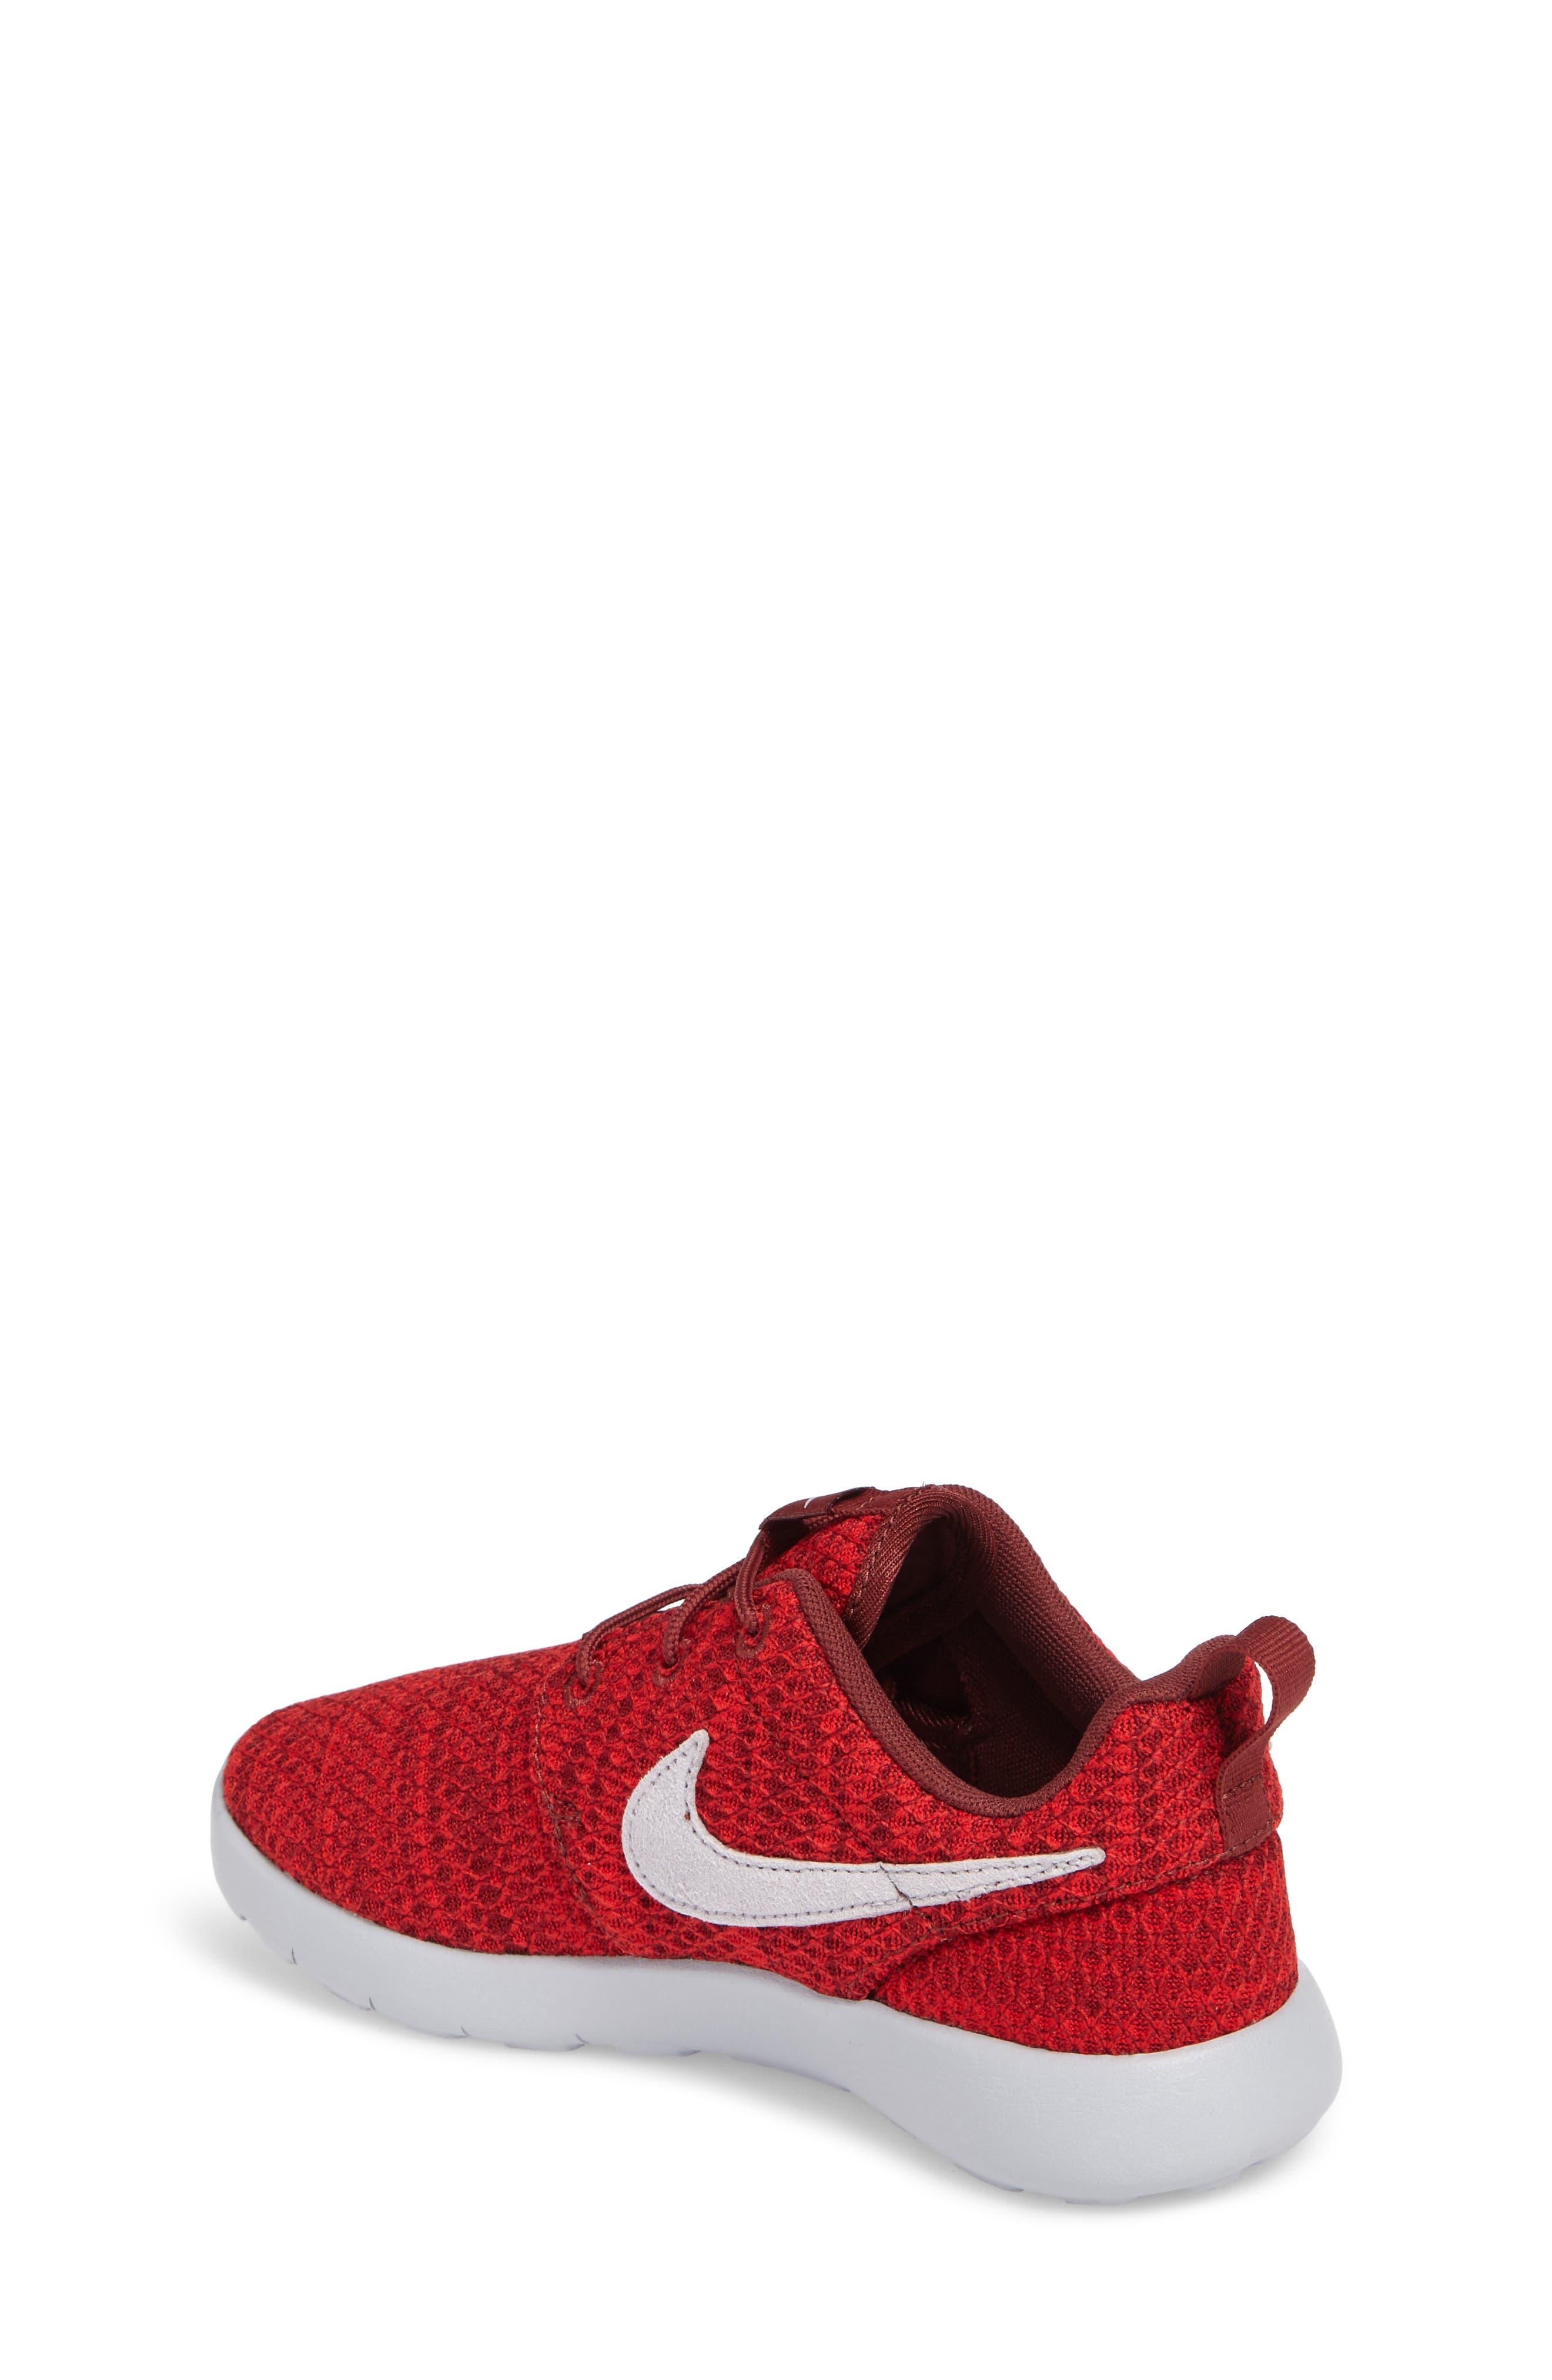 Alternate Image 2  - Nike Roshe Run Sneaker (Toddler & Little Kid)